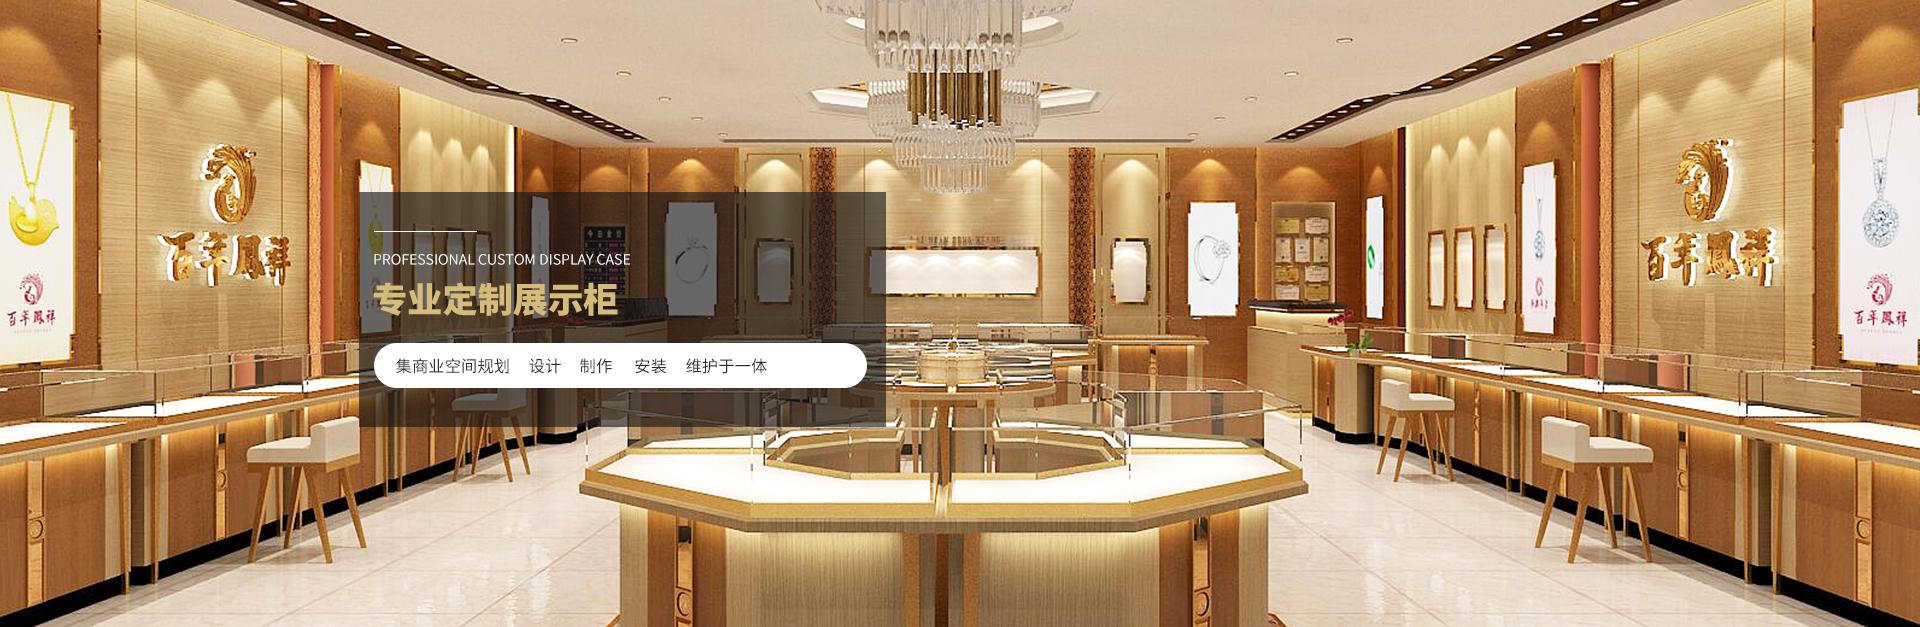 贵州松银展柜ballbet贝博app下载ios公司介绍